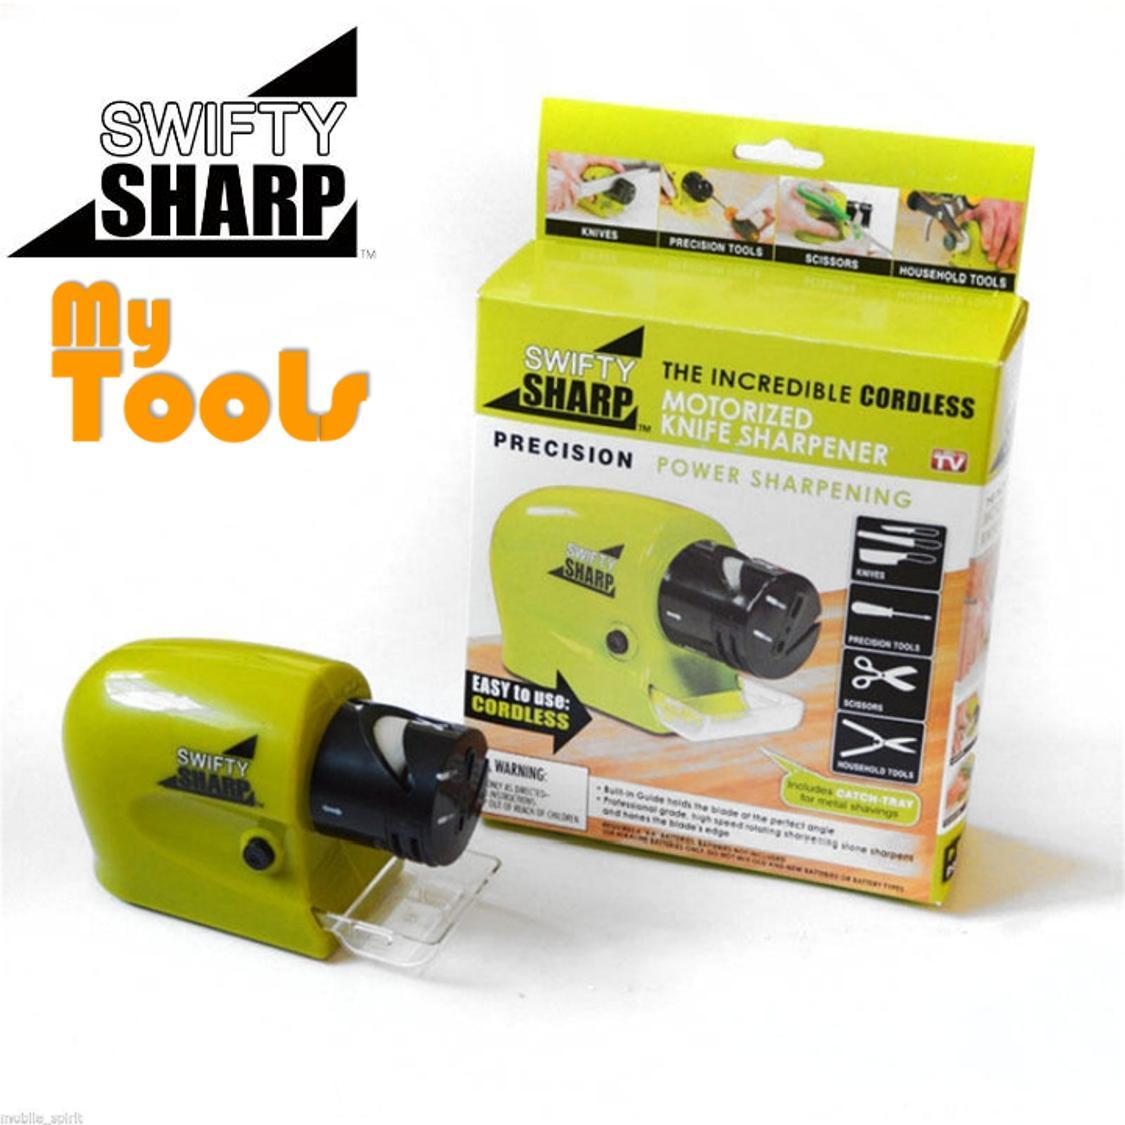 Swifty Sharp Tool & Knife Sharpener Cordless Motorized Knife Scissors Blade Easy Sharpening Kit